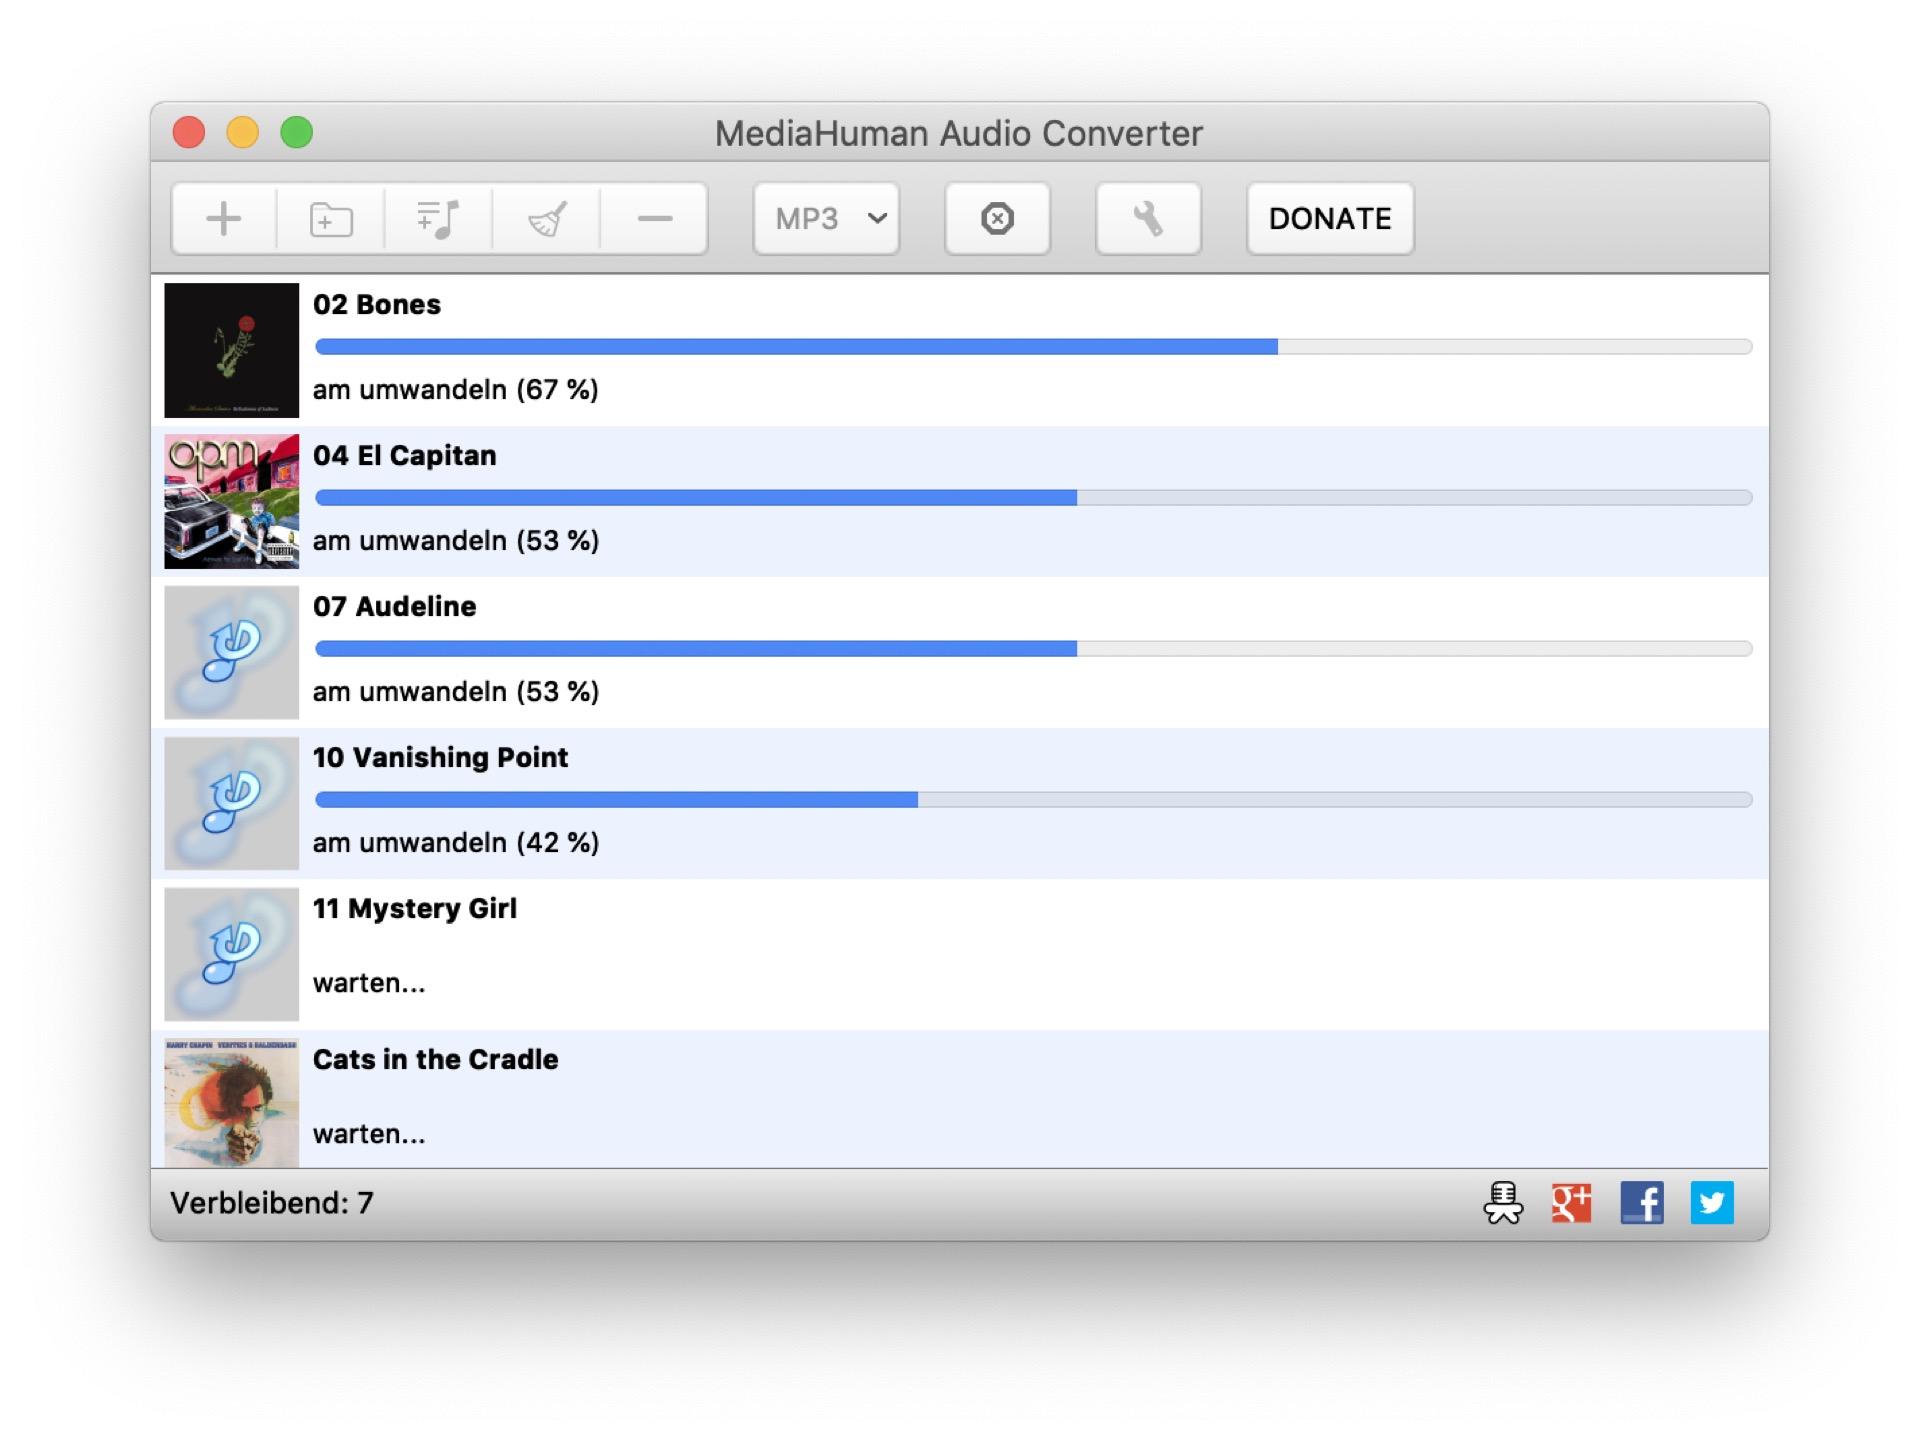 Mit dem Gratis-MP3-Converter von Mediahuman ist die Musiksammlung schnell in MP3 gewandelt.